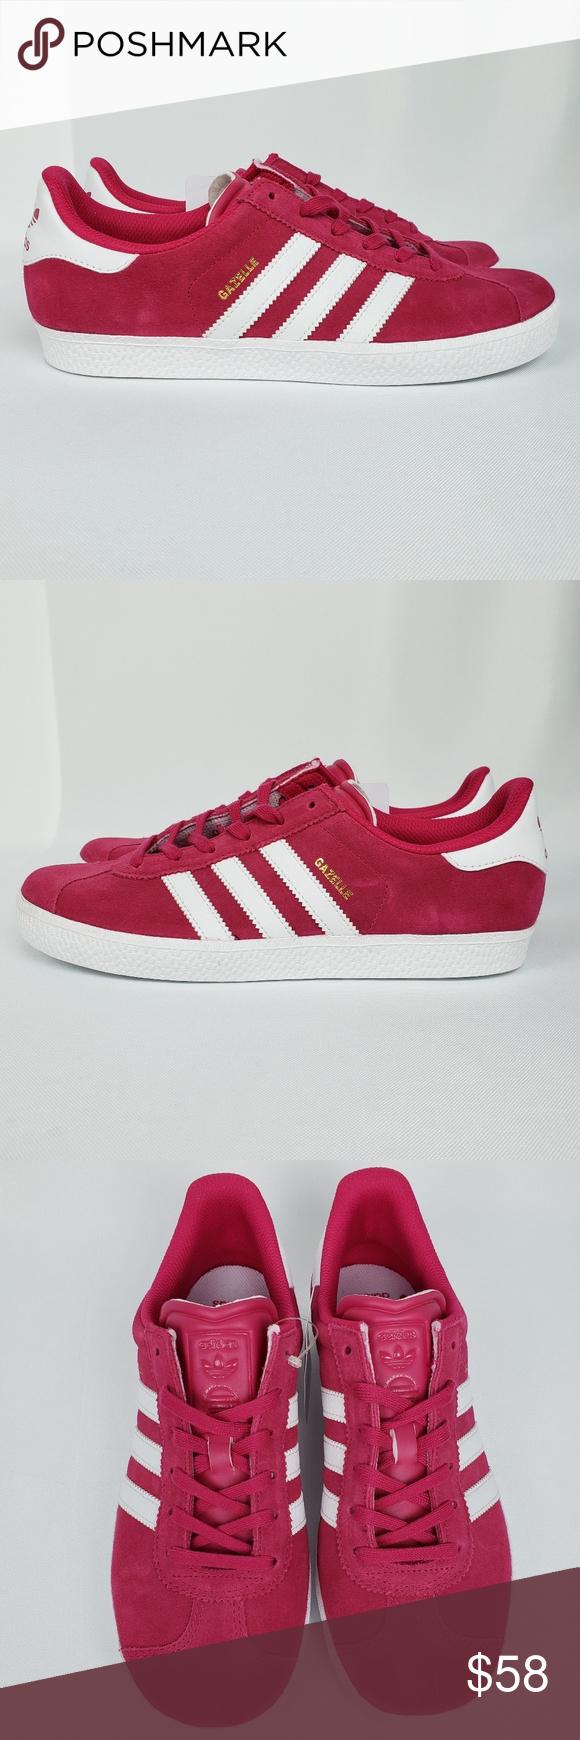 Adidas Ortholite GAZELLE, Size 5.5 in